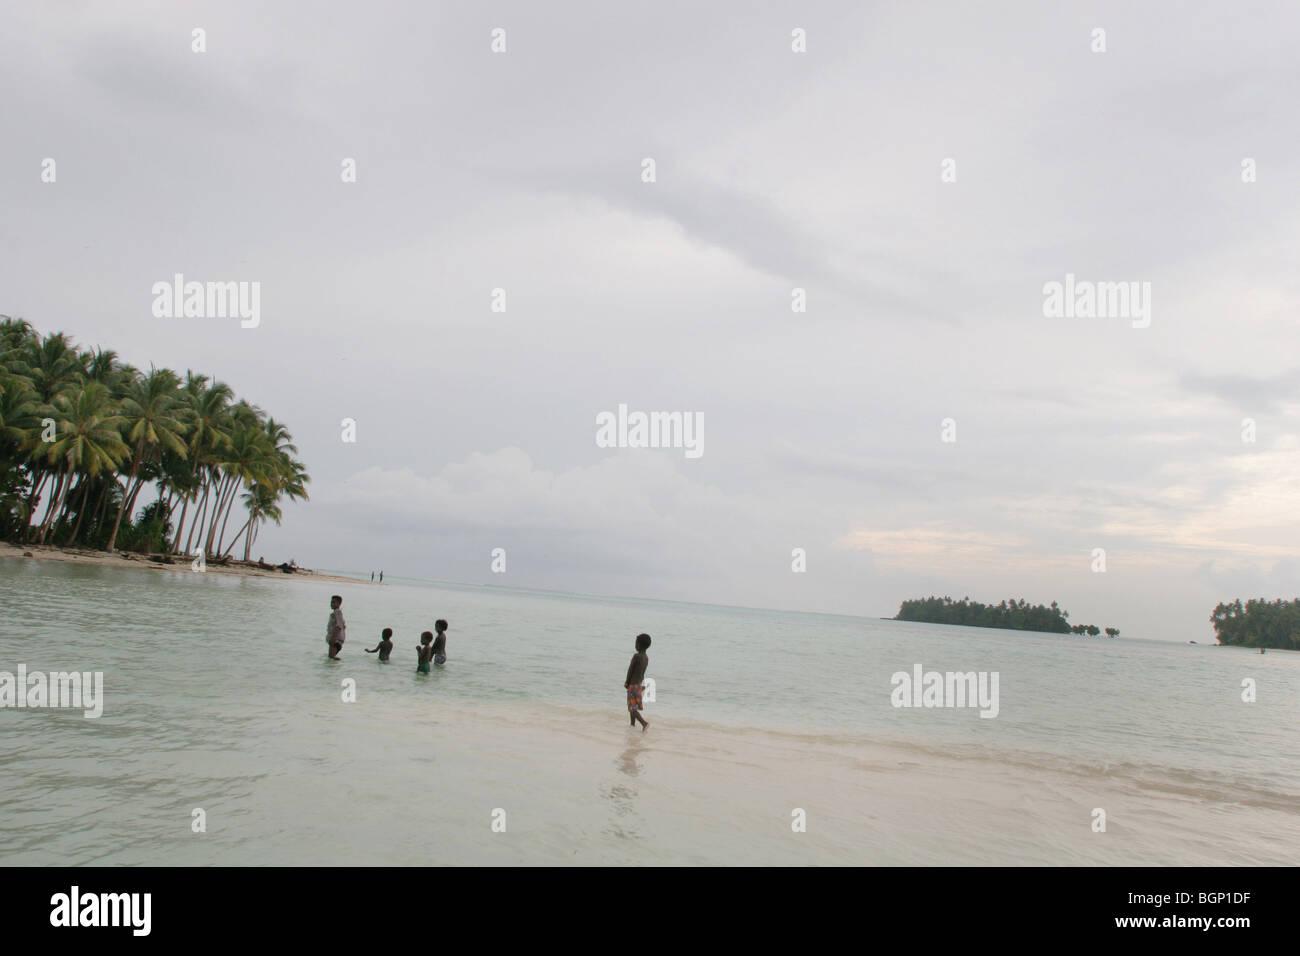 Les enfants de l'île de Iolasa marche sur un banc de sable peu profond, Carterets Atoll, Papouasie Nouvelle Photo Stock